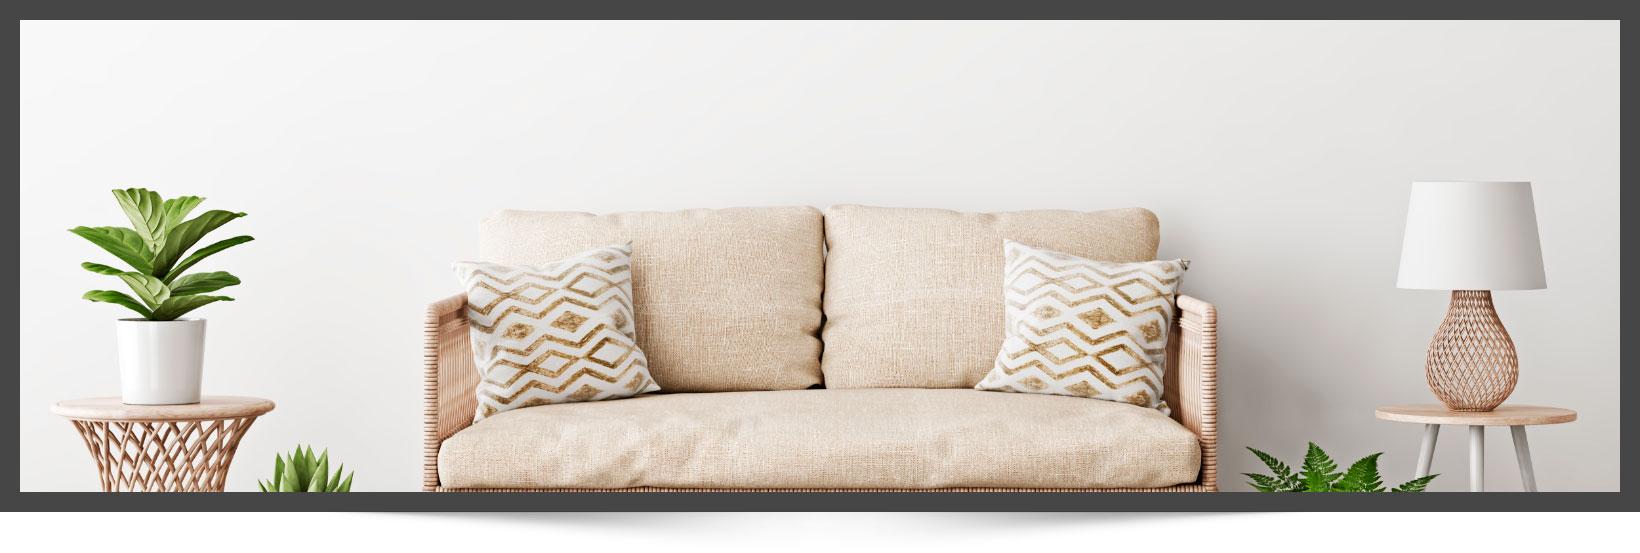 proyecto de mobiliario interior ofertas